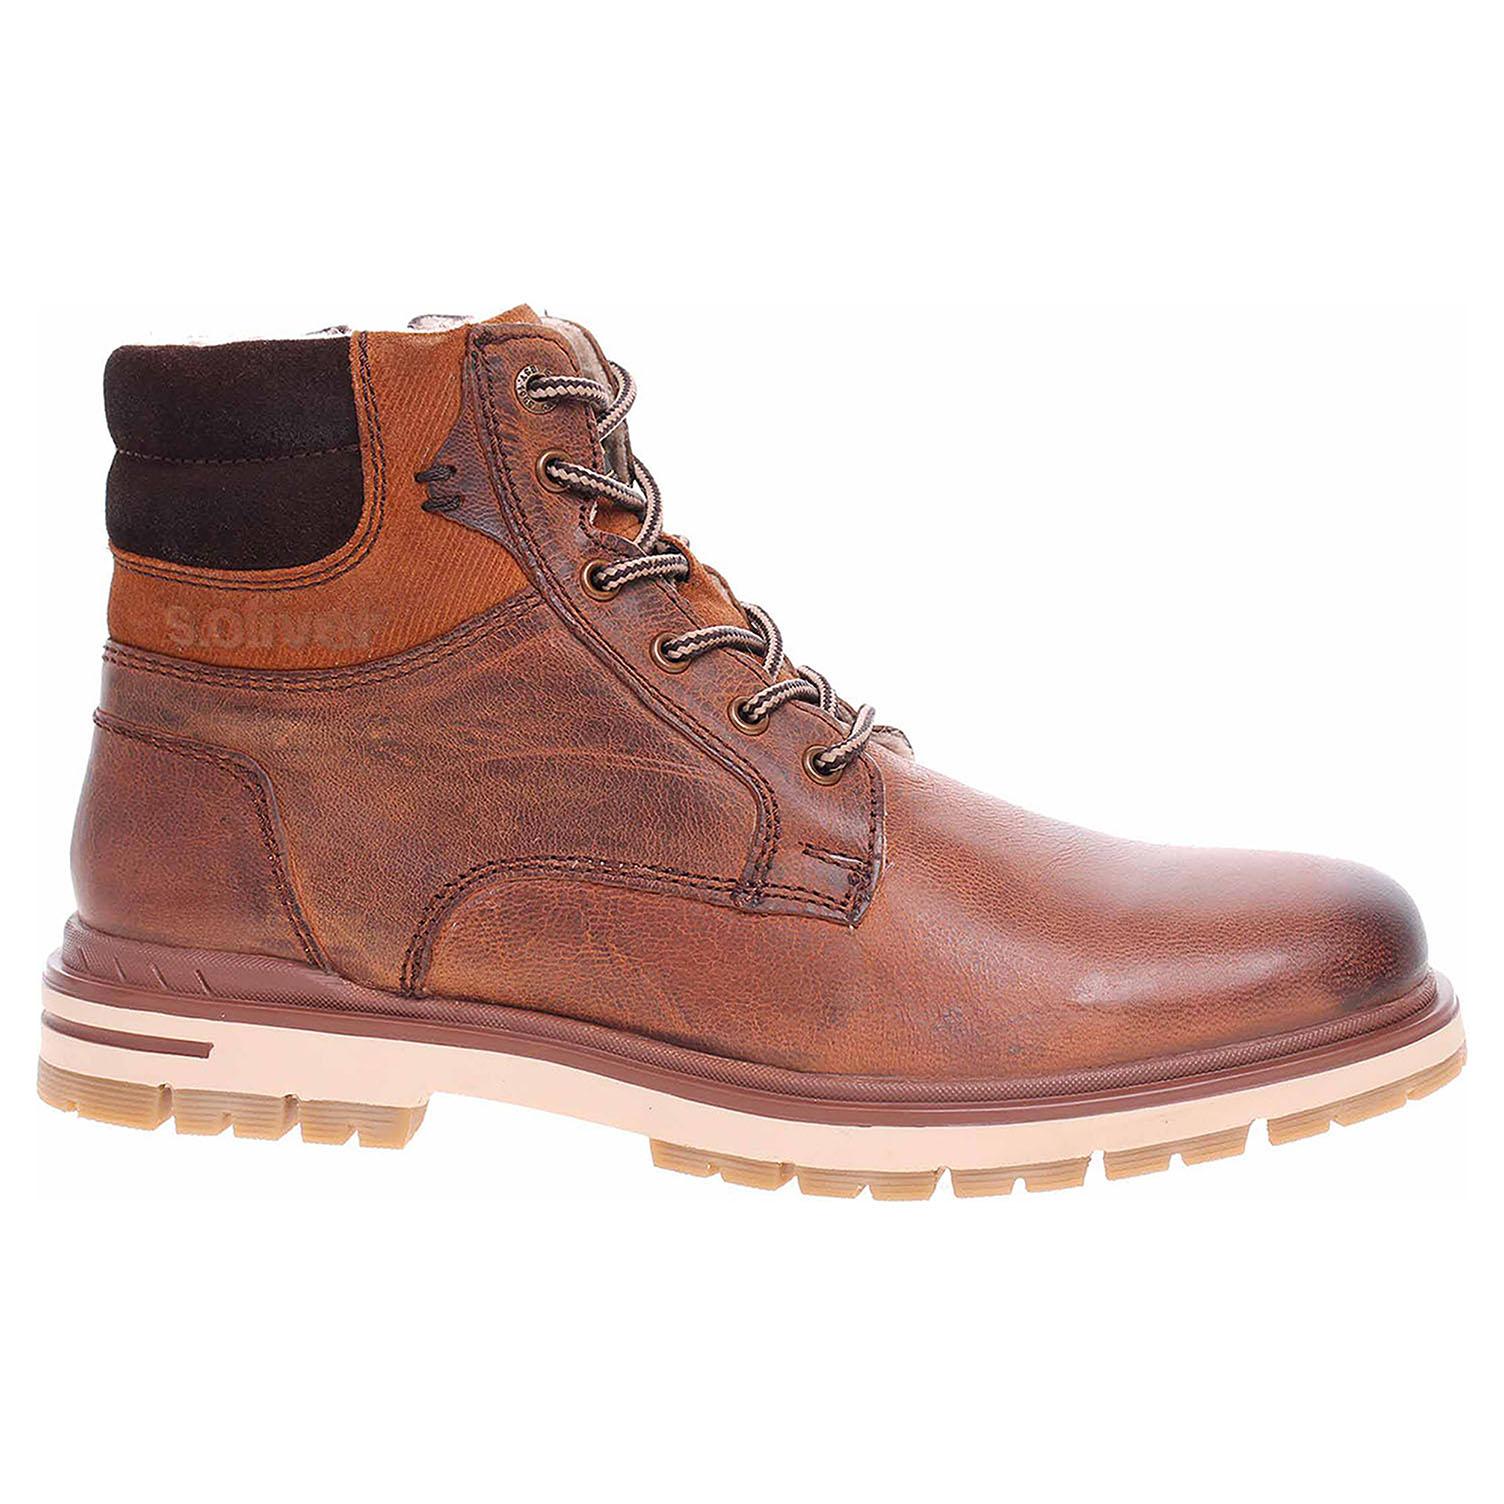 Pánská kotníková obuv s.Oliver 5-16208-23 tan 5-5-16208-23 311 45